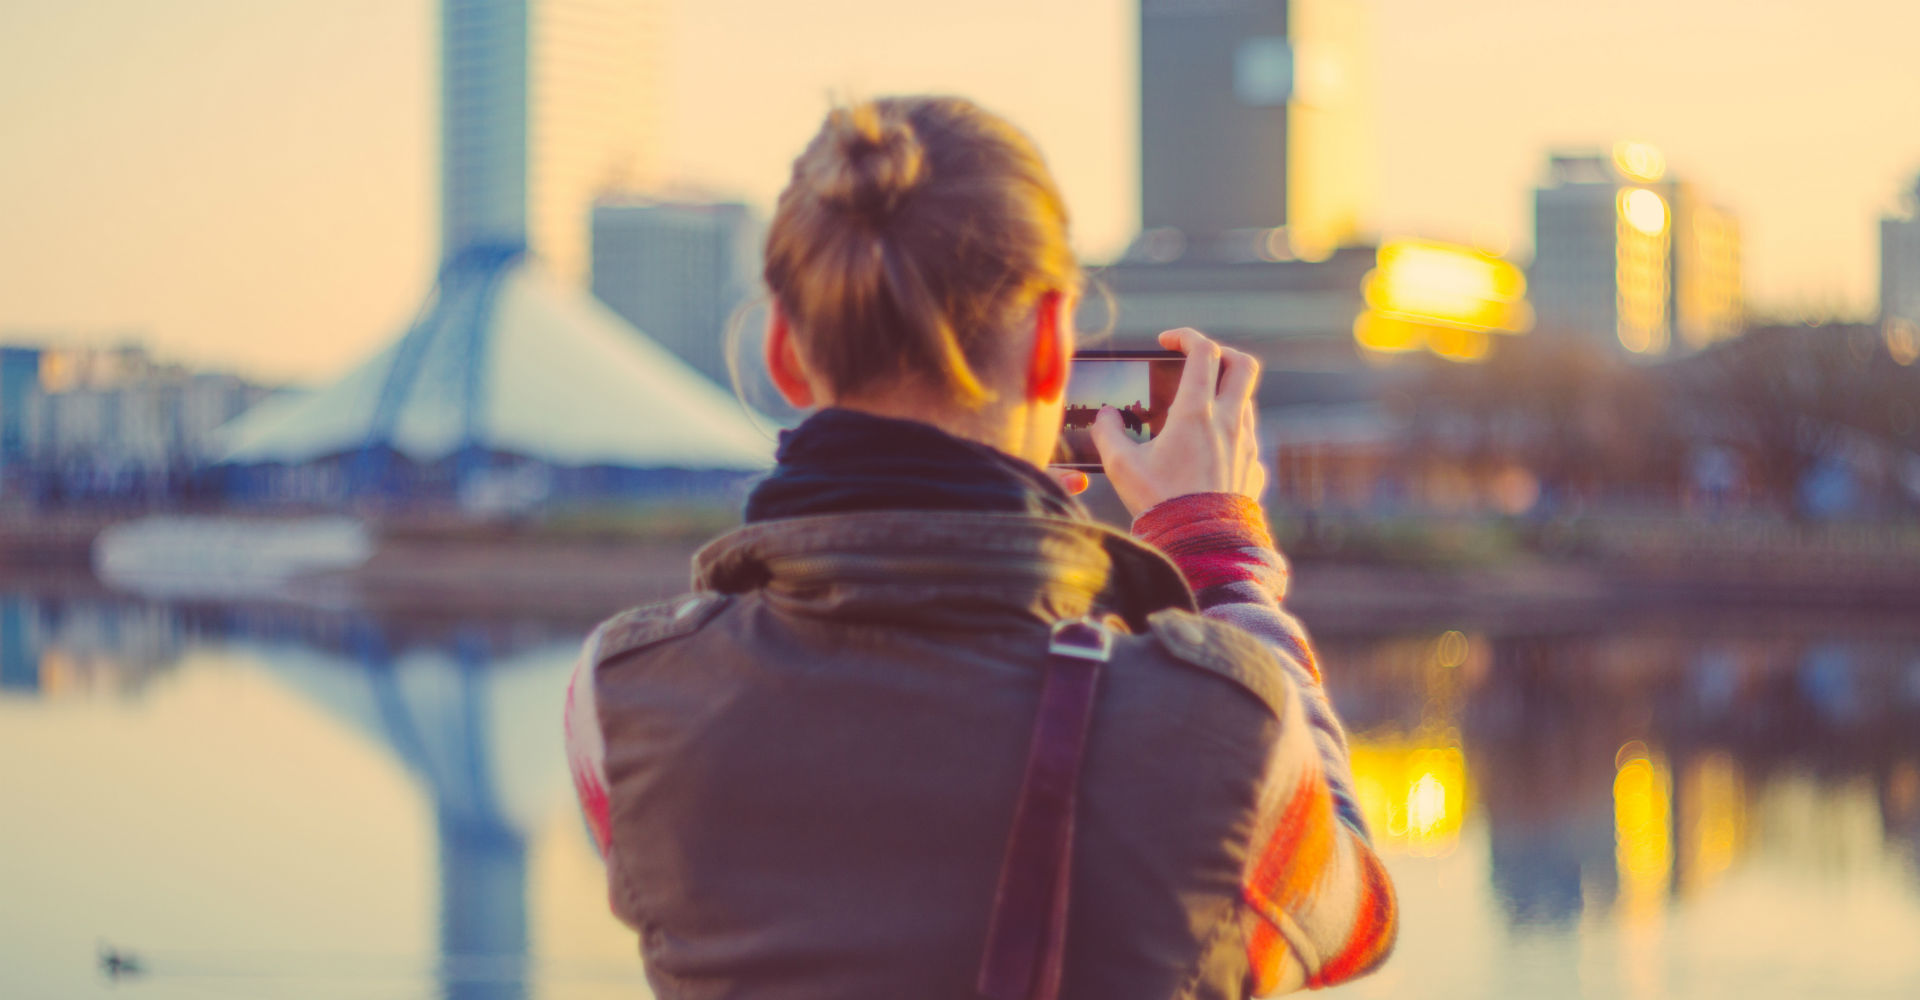 Junge Frau macht ein Video von der Großstadt mit dem Smartphone.